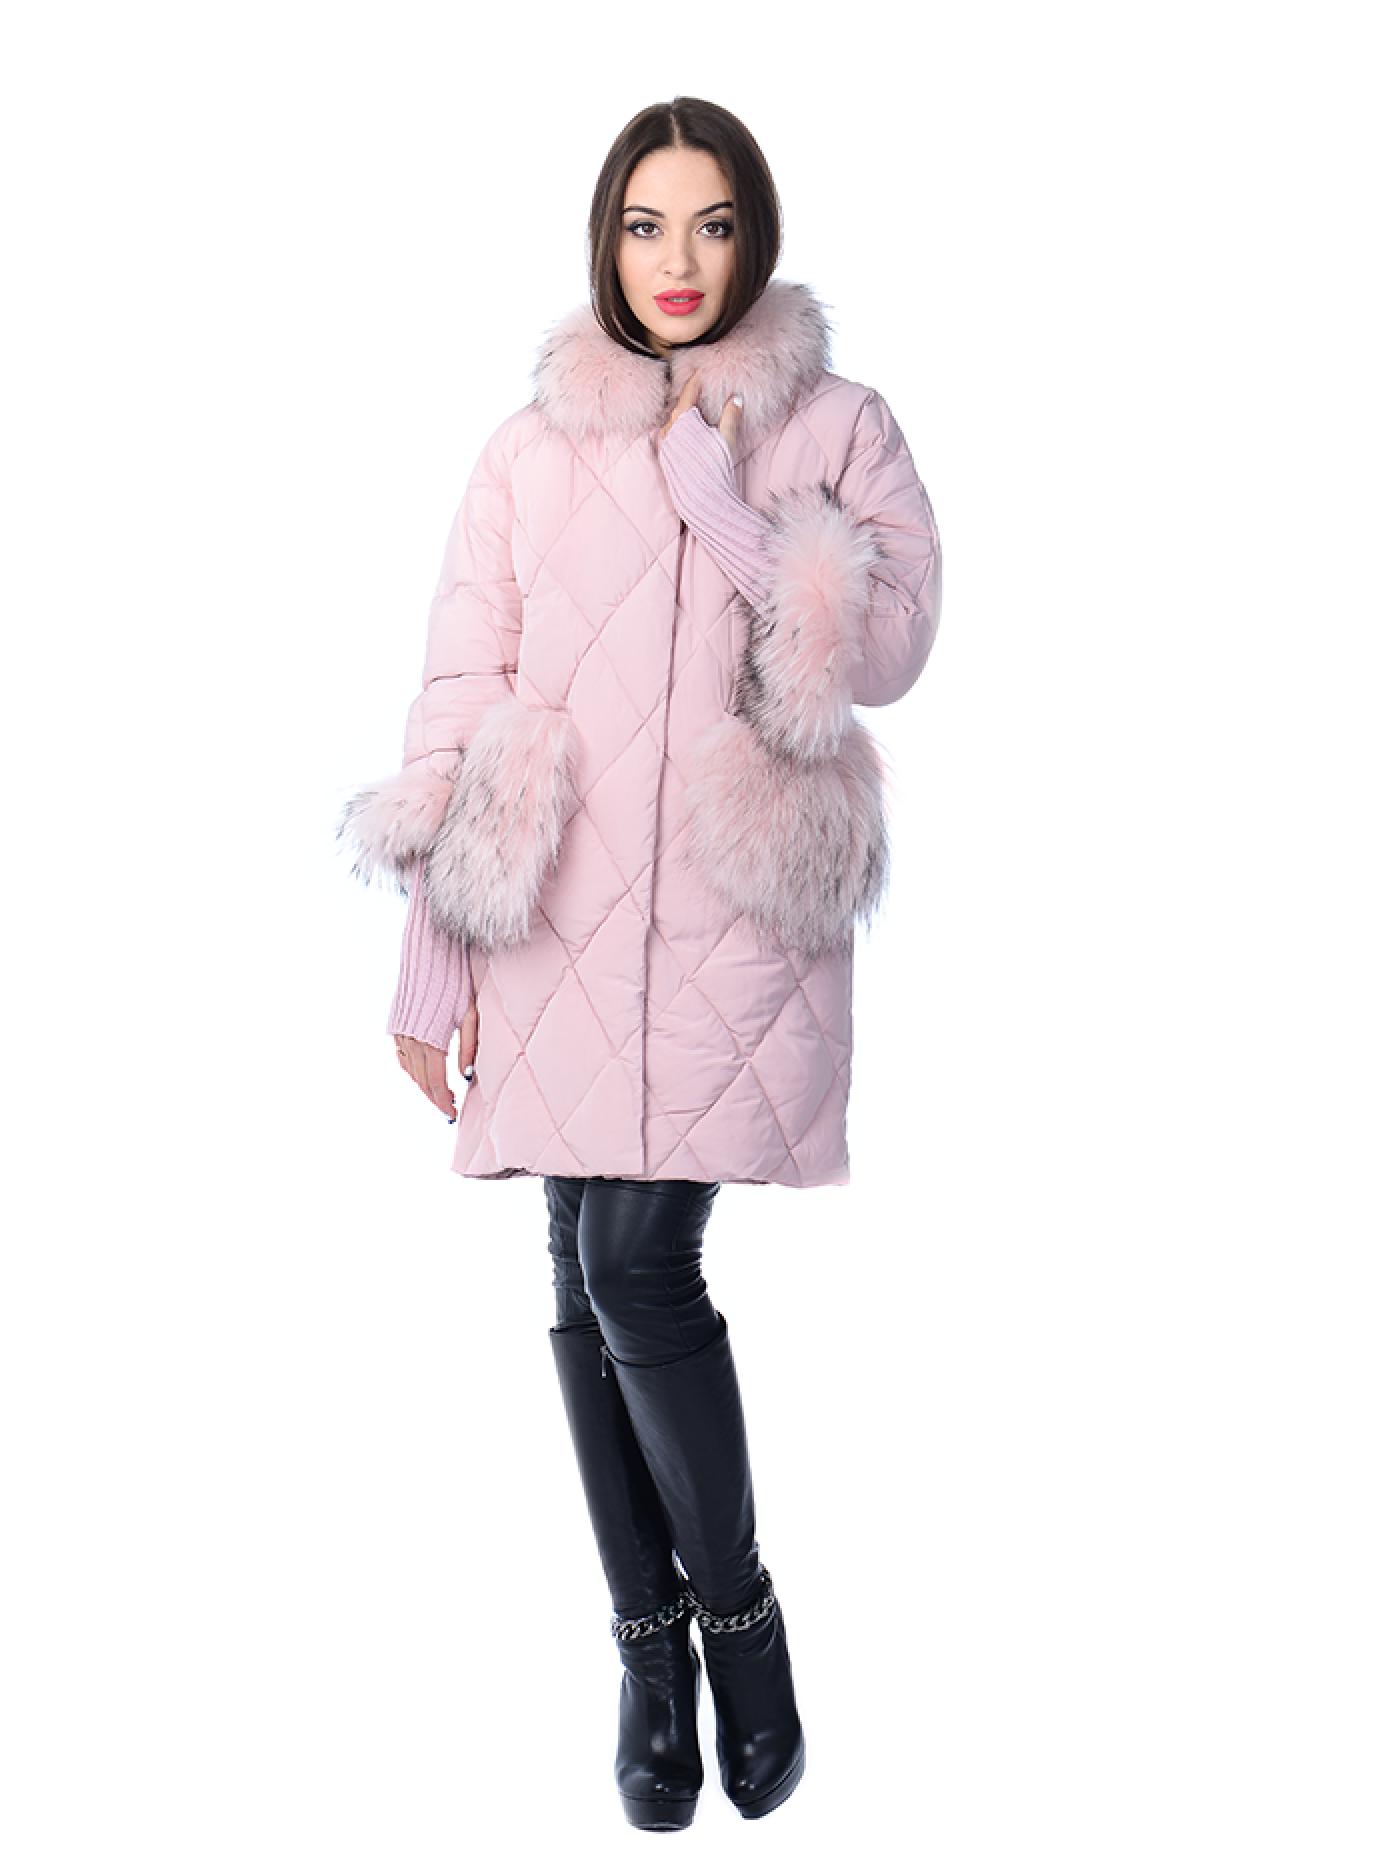 Куртка зимняя прямая с мехом енота Розовый S (05-ZL2592): фото - Alster.ua